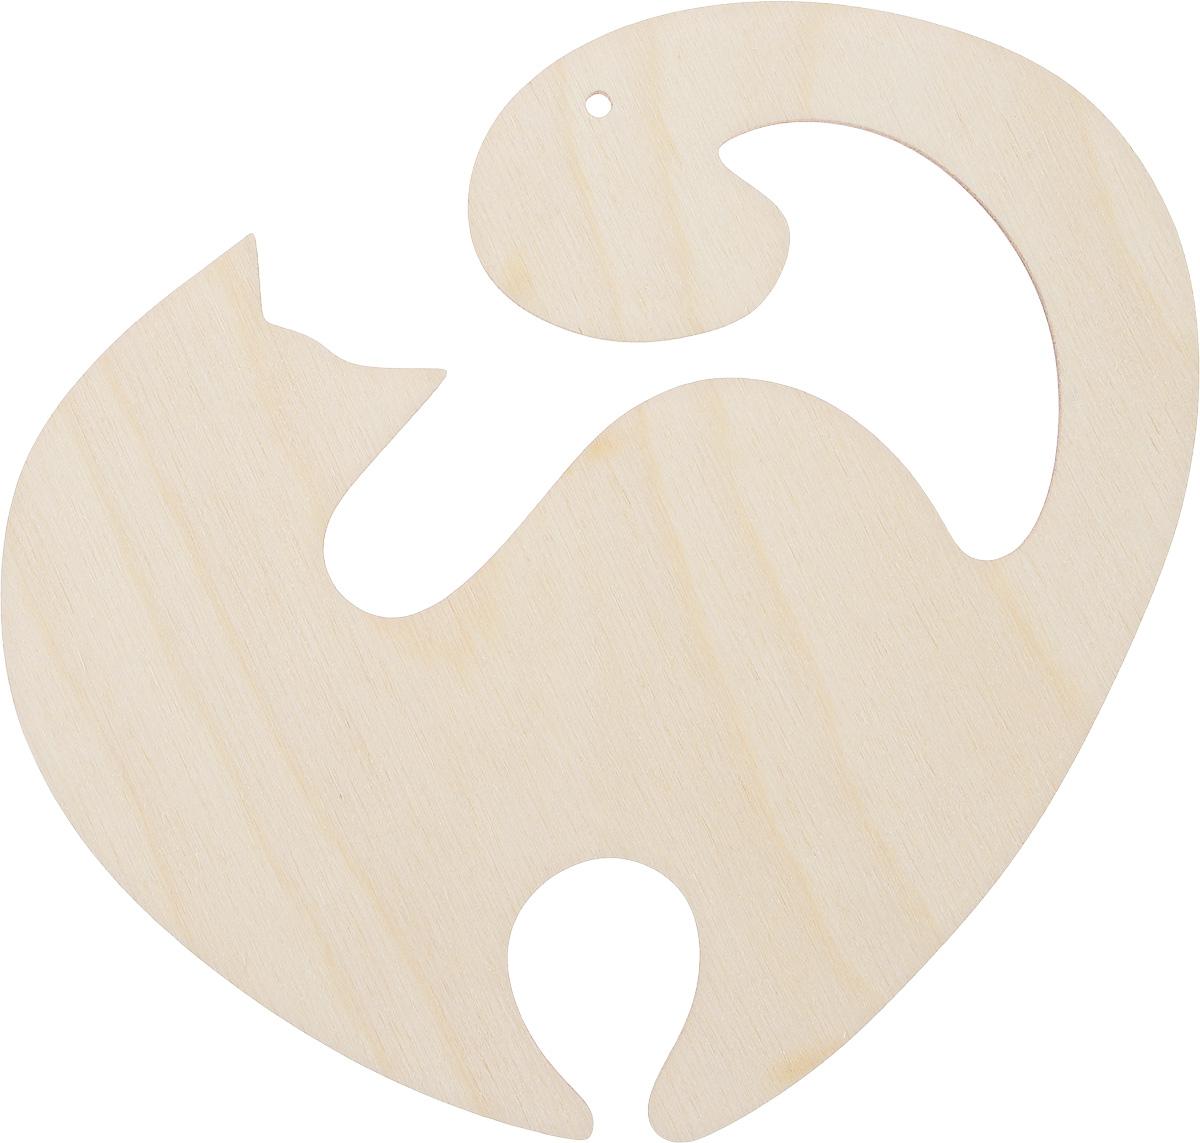 Заготовка деревянная Decoriton Кошечка изящная, 15 х 12 х 0,3 см idigo заготовка для декорирования из пенопласта корова 15 9см dz1501